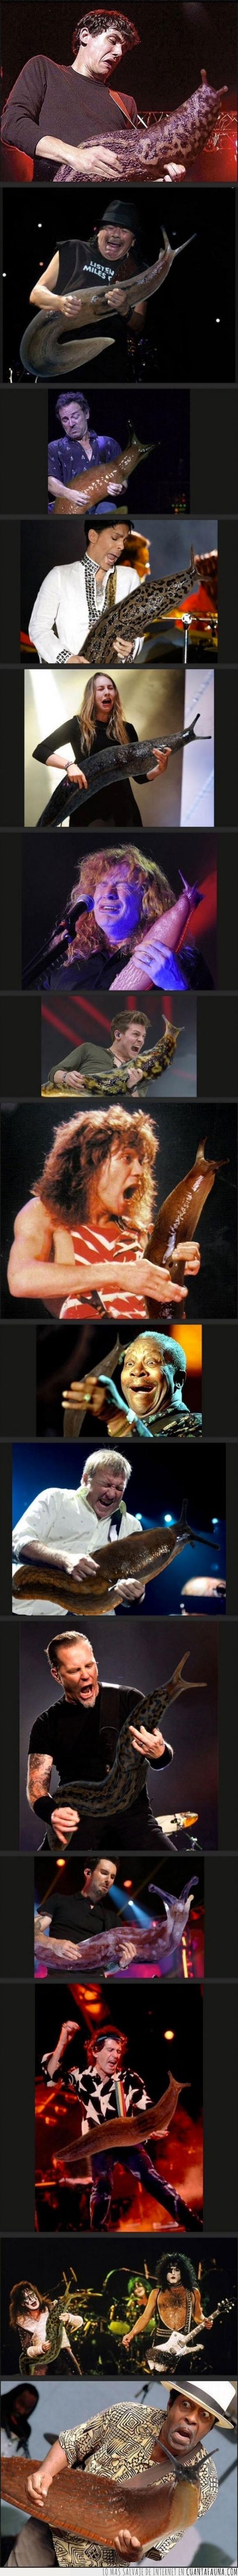 asco,Baba,babosa,cambiar,cara,caracoles,guitarra,rockstar